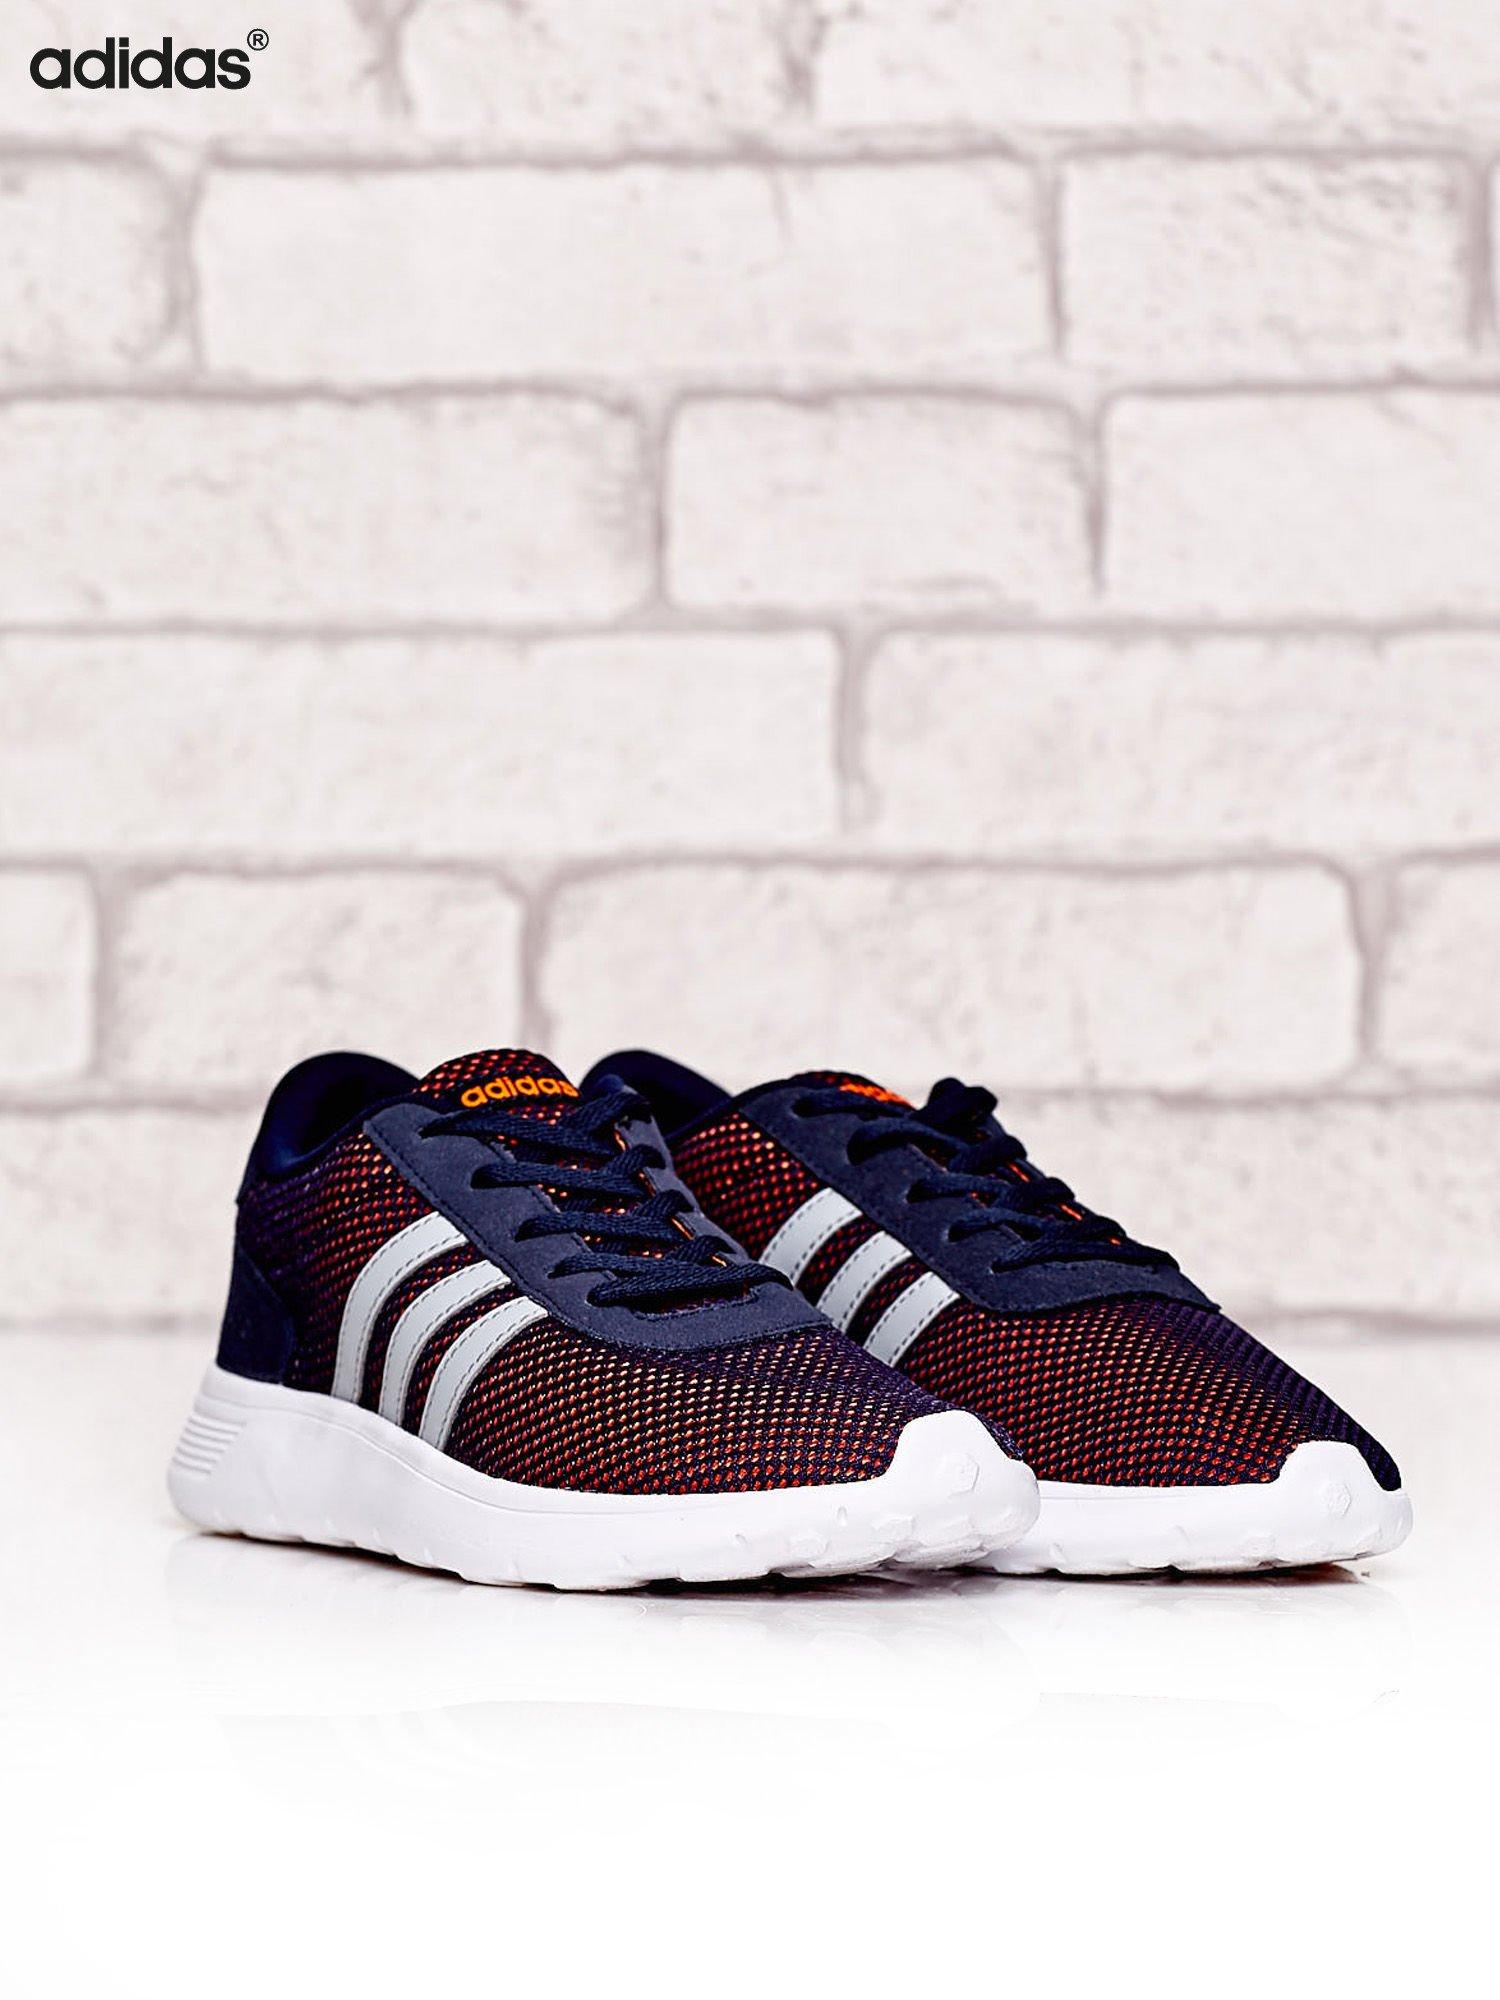 83dc5c2d Granatowe Buty Damskie Adidas Siateczkowe Sportowe zjLUVpGSMq